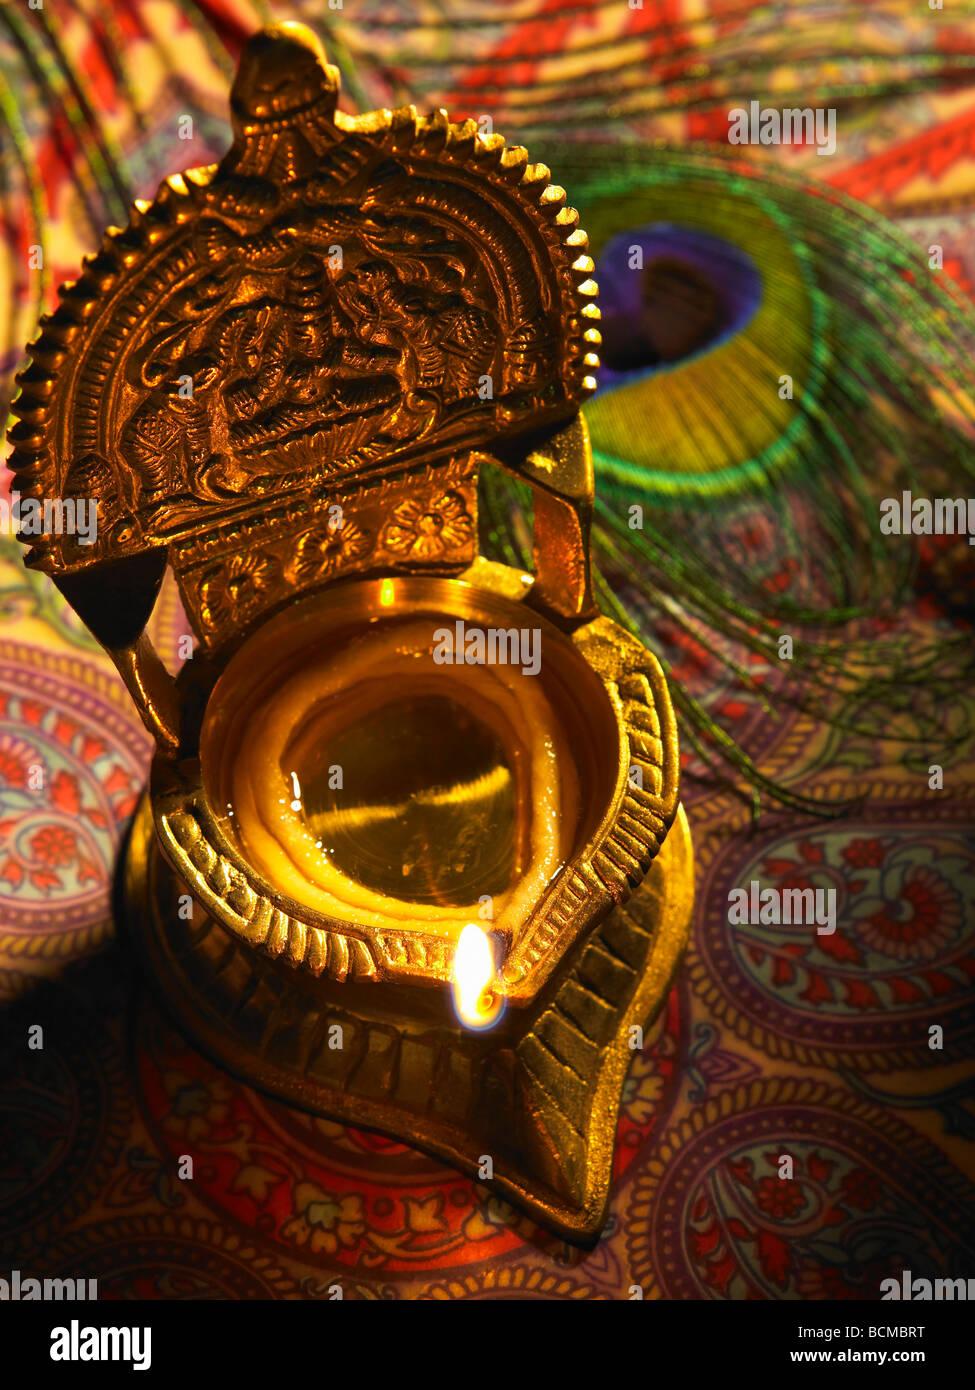 Vue De Dessus D Une Lampe A Huile Traditionnelle Indienne Banque D